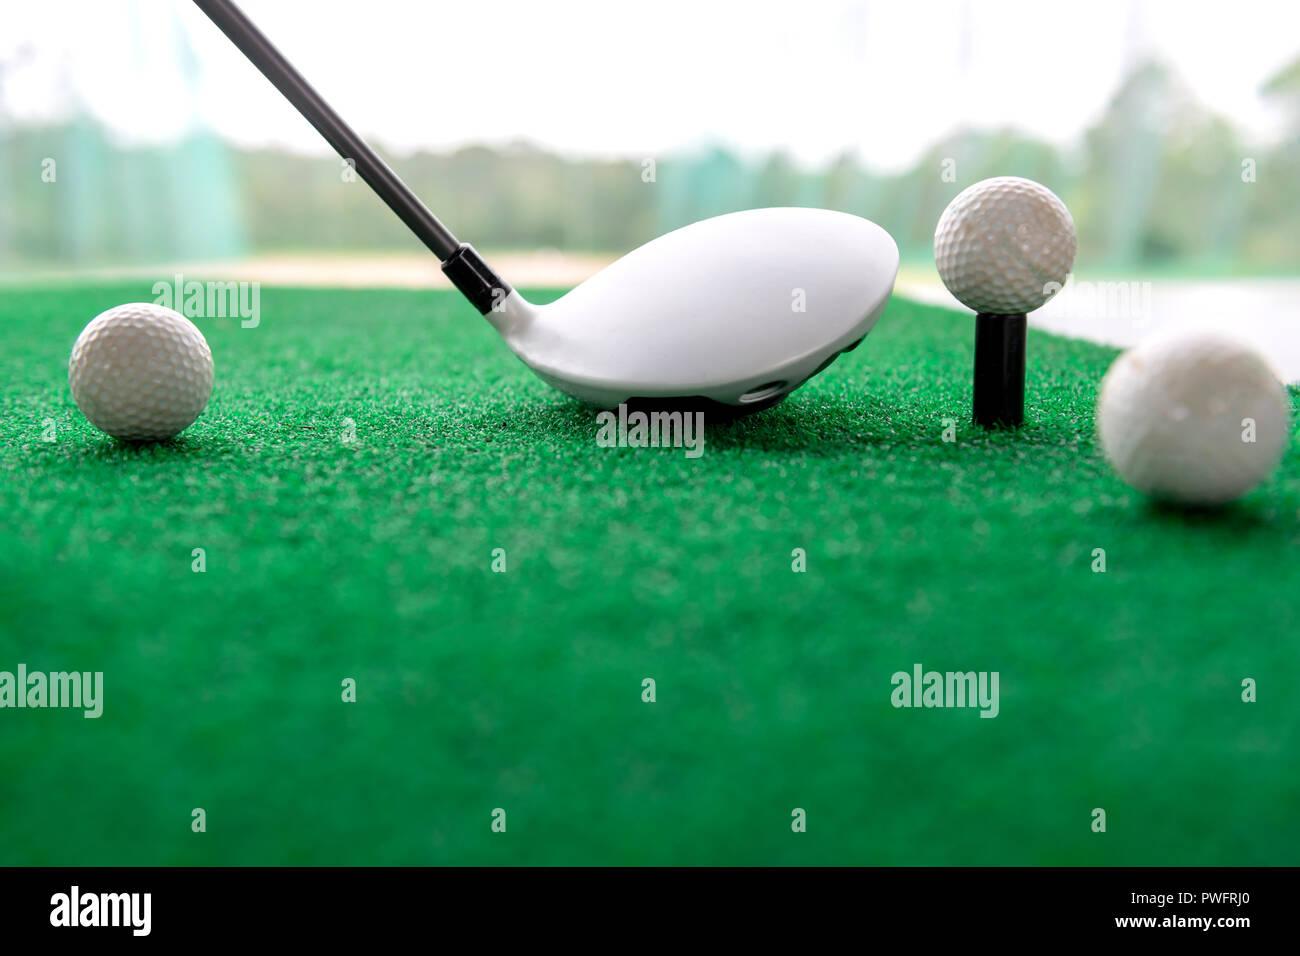 3c453d36b0 Club de golf y pelotas sobre una alfombra de césped sintético en un campo  de entrenamiento